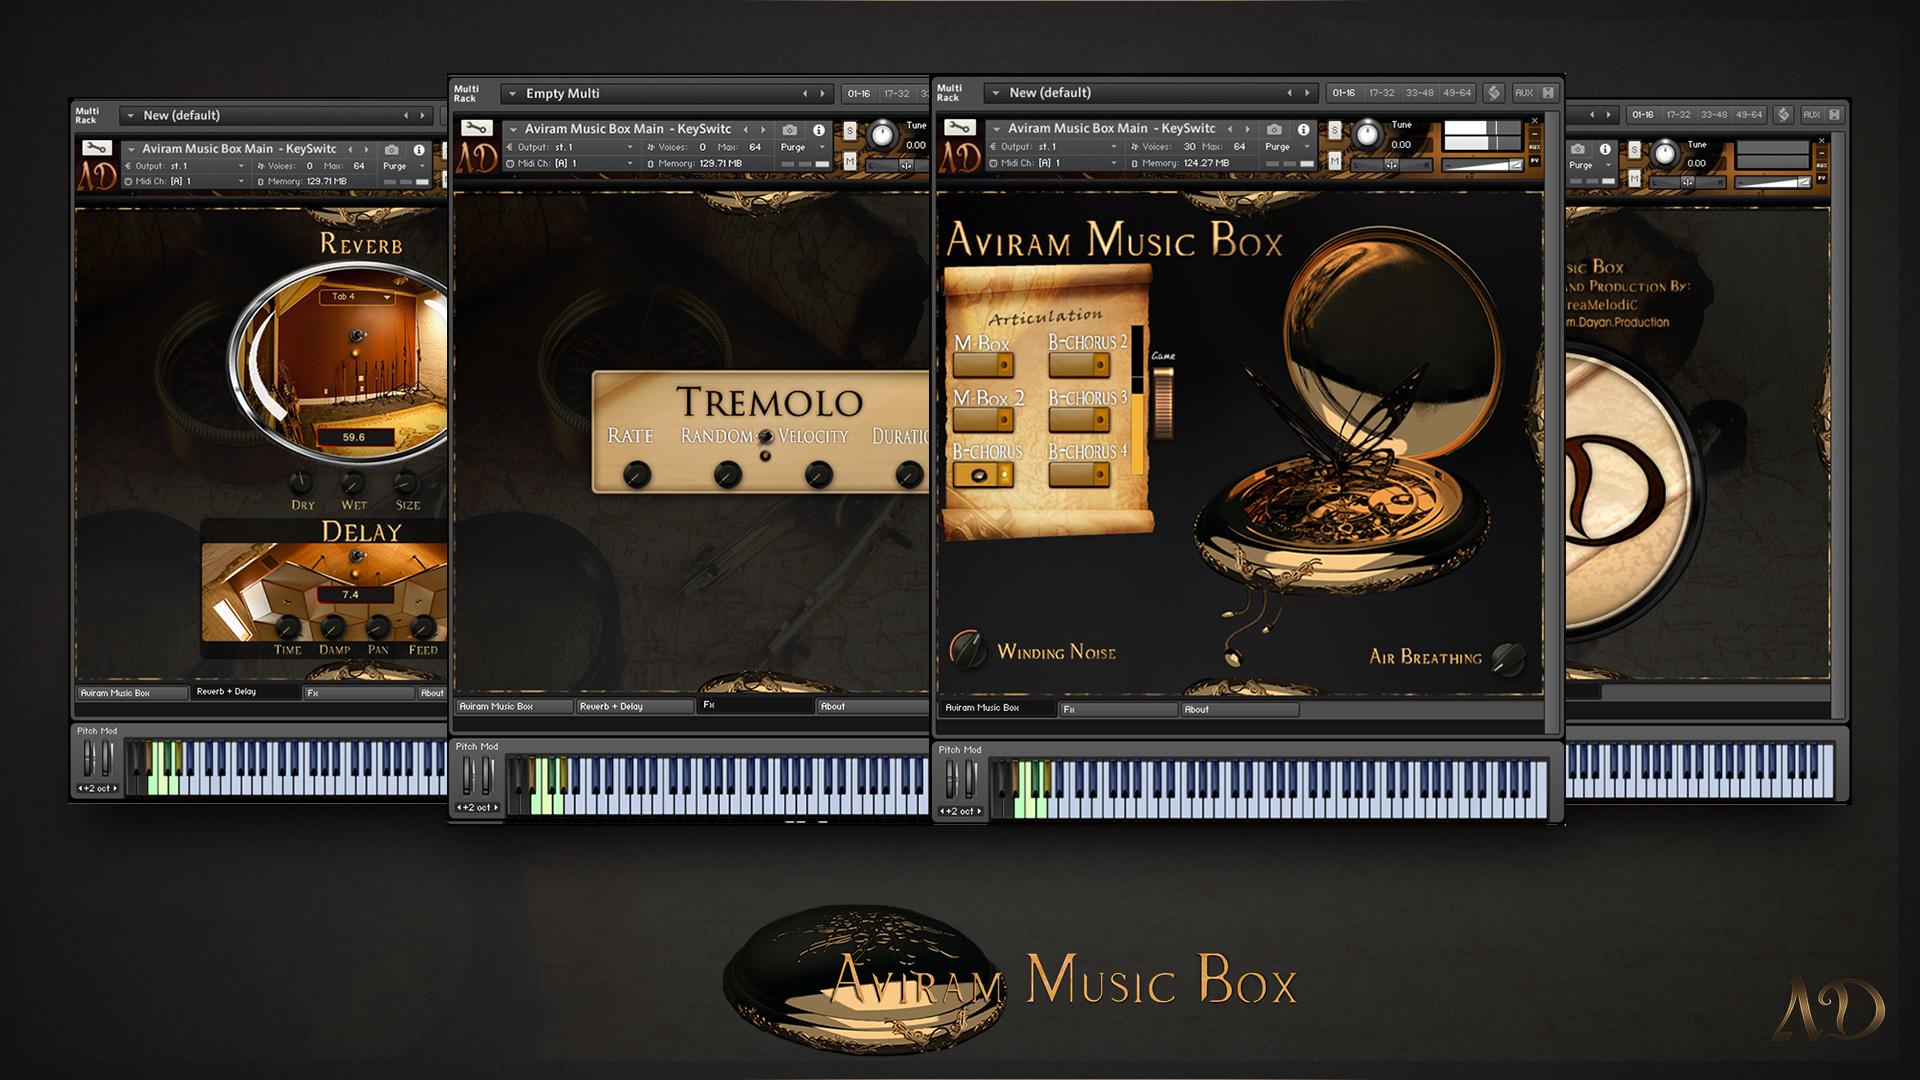 Aviram-Music-Box-DocumentationALL